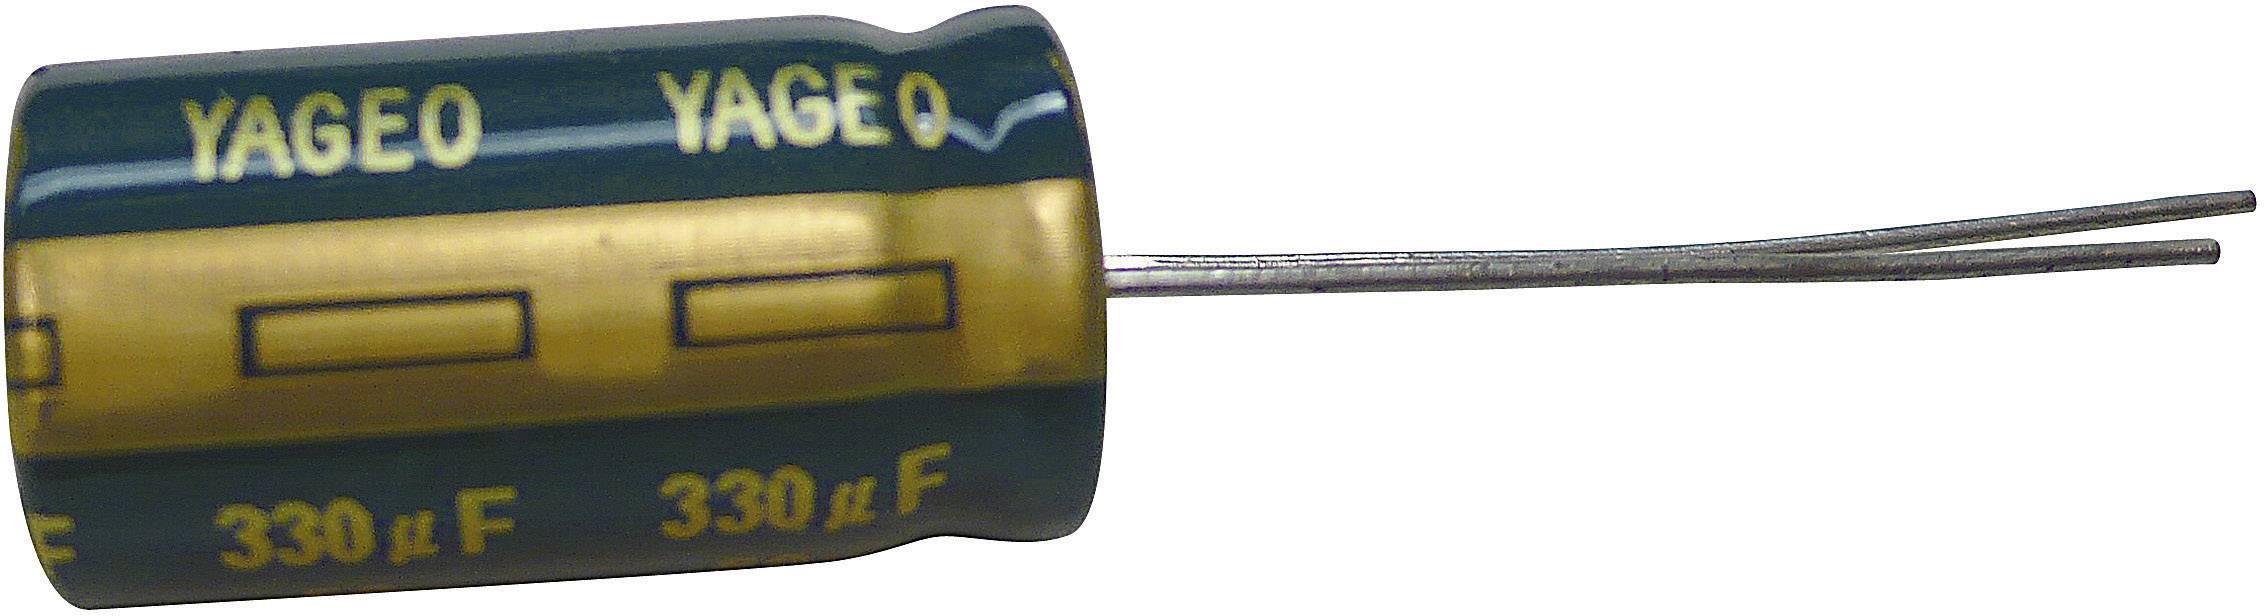 Kondenzátor elektrolytický Yageo SY035M0470B5S-1019, 470 mF, 35 V, 20 %, 19 x 10 mm